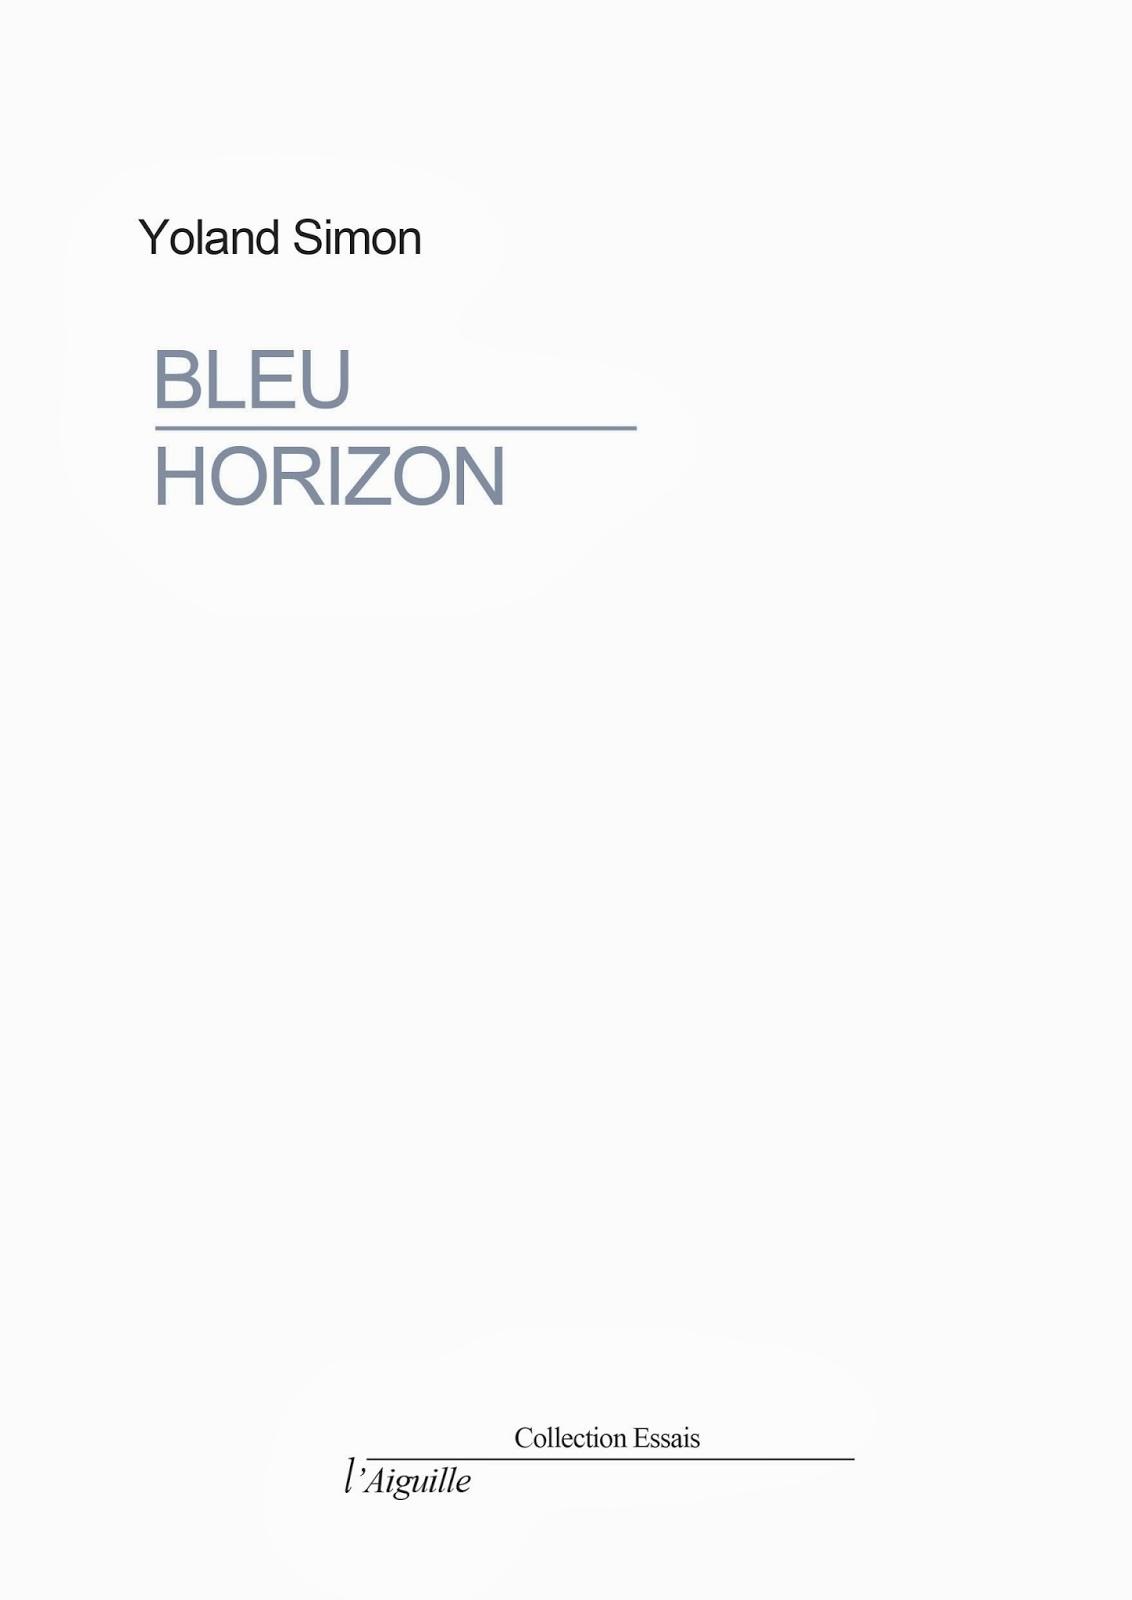 Incroyable Extrait Bleu Horizon La Guerre Aussi Hantait Nos Vacances. Dans Les Chambres,  Les Salles à Manger De Très Vieilles Tantes, Des Grand Mères.